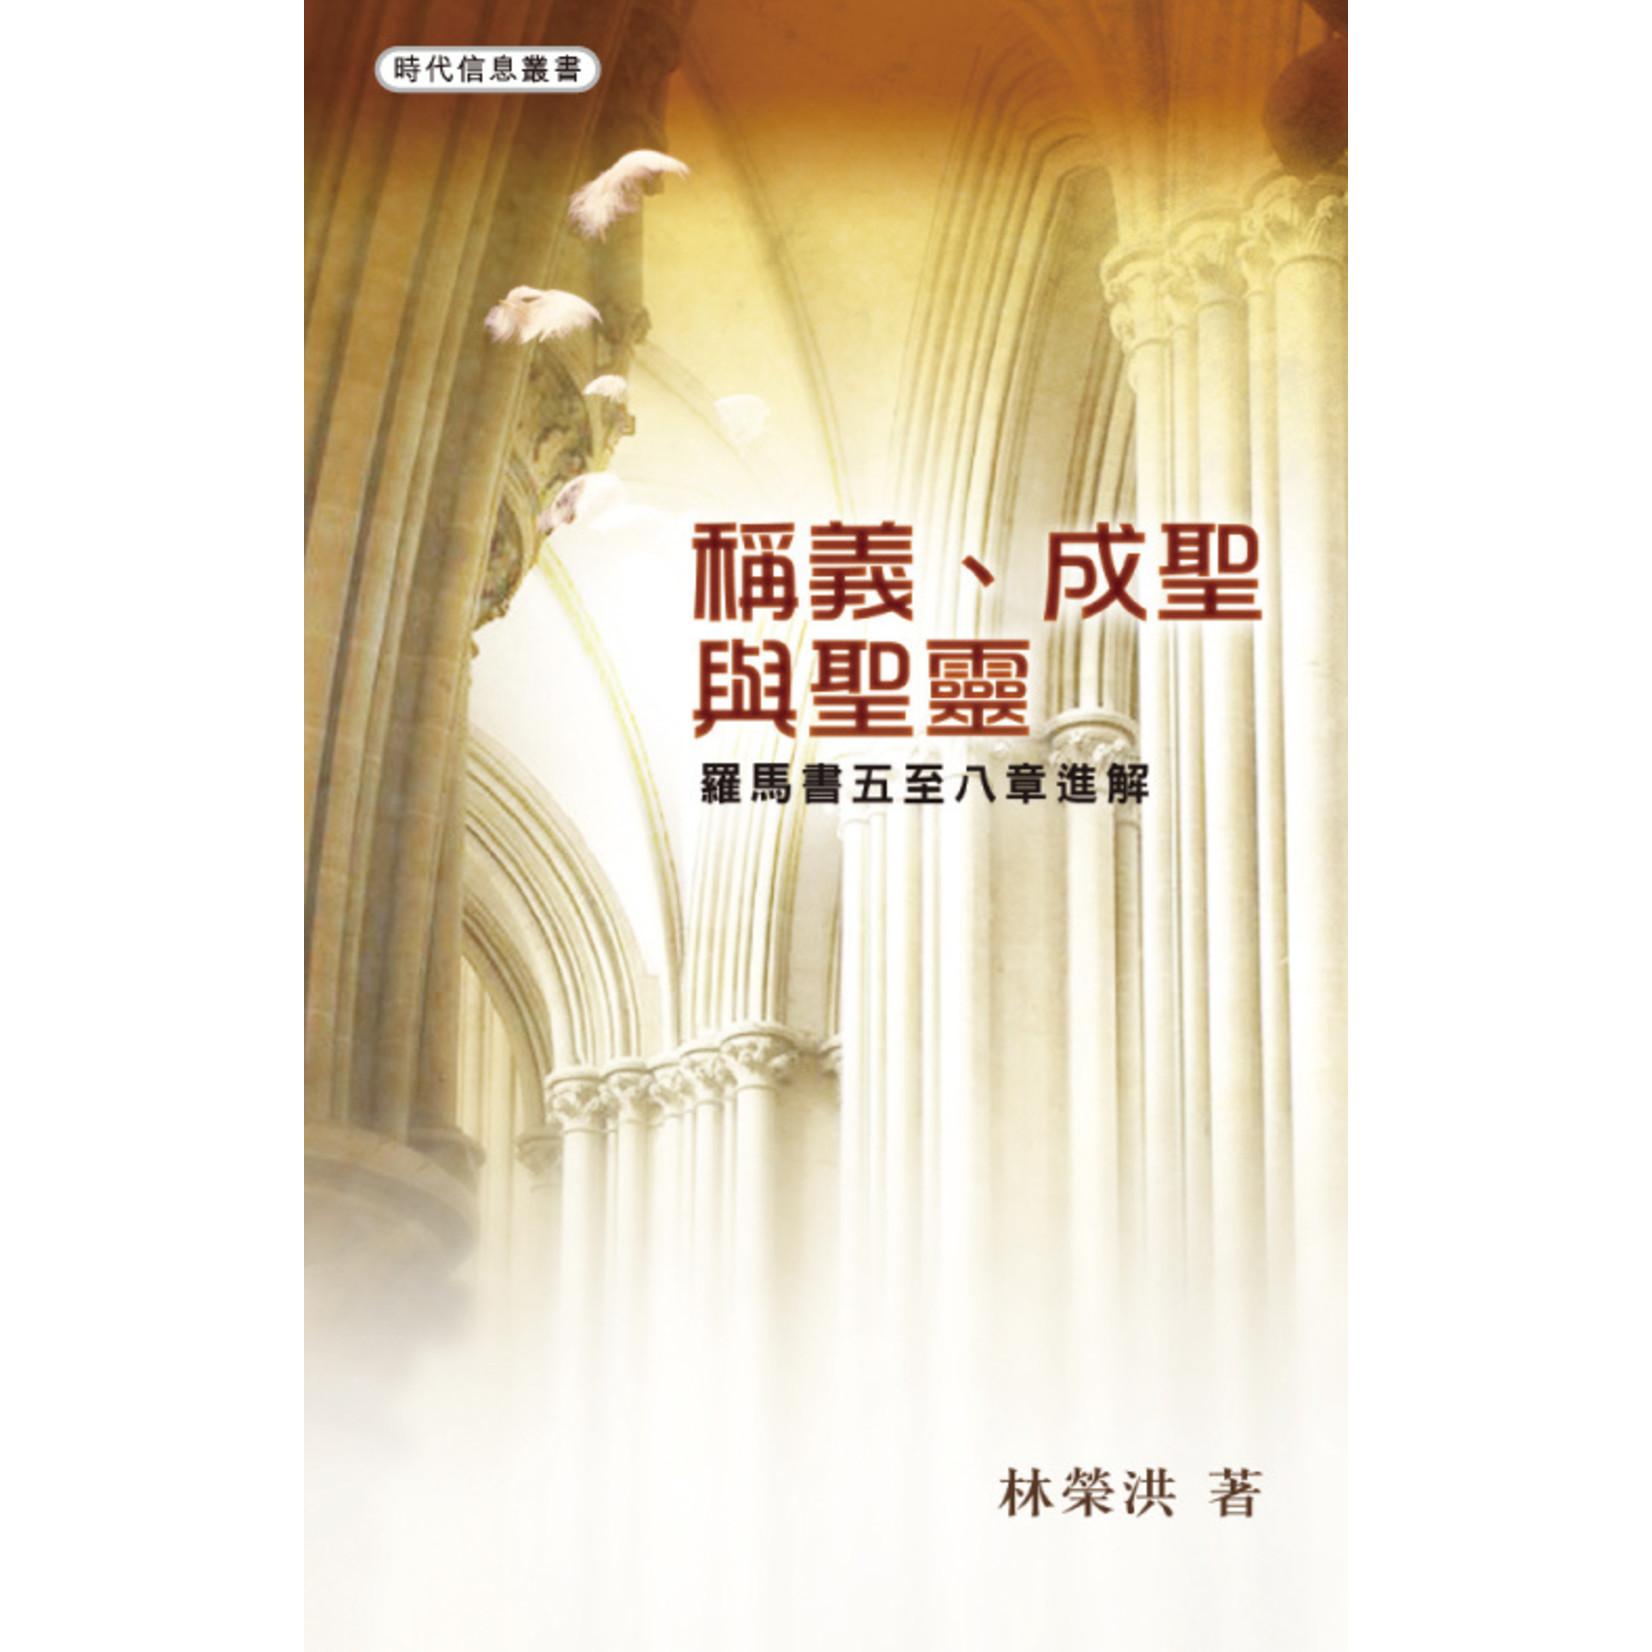 明道社 Ming Dao Press 稱義、成聖、與聖靈:羅馬書五至八章進解